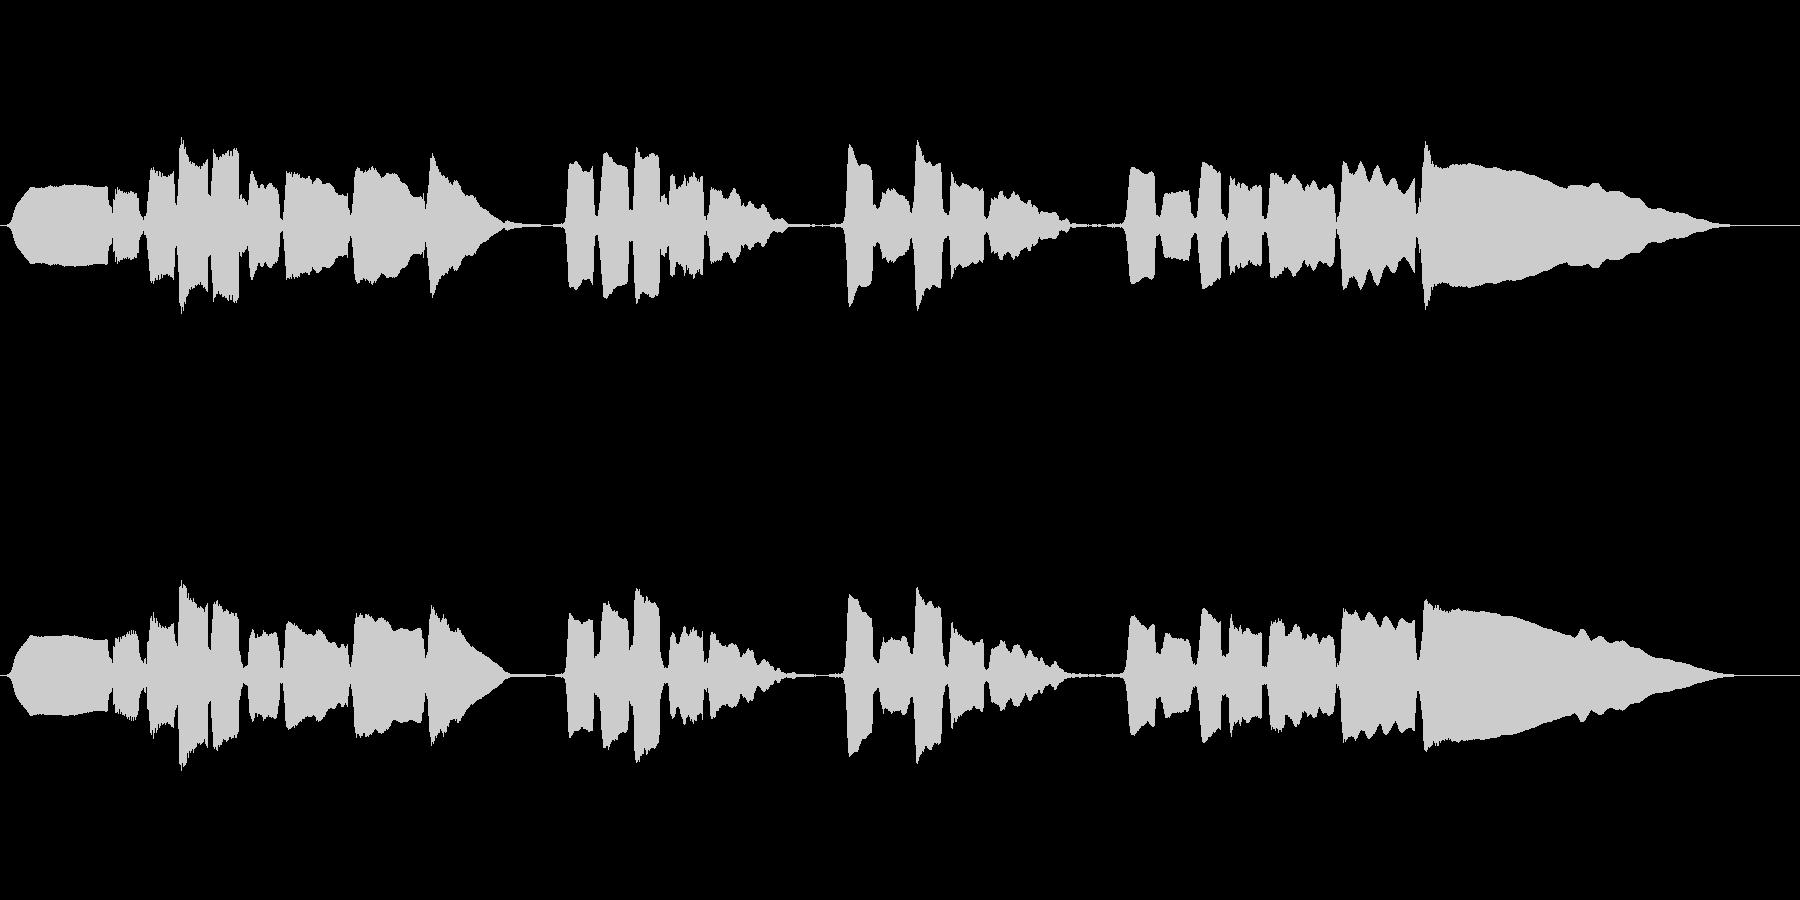 サックスのソロ演奏 切ない系の未再生の波形